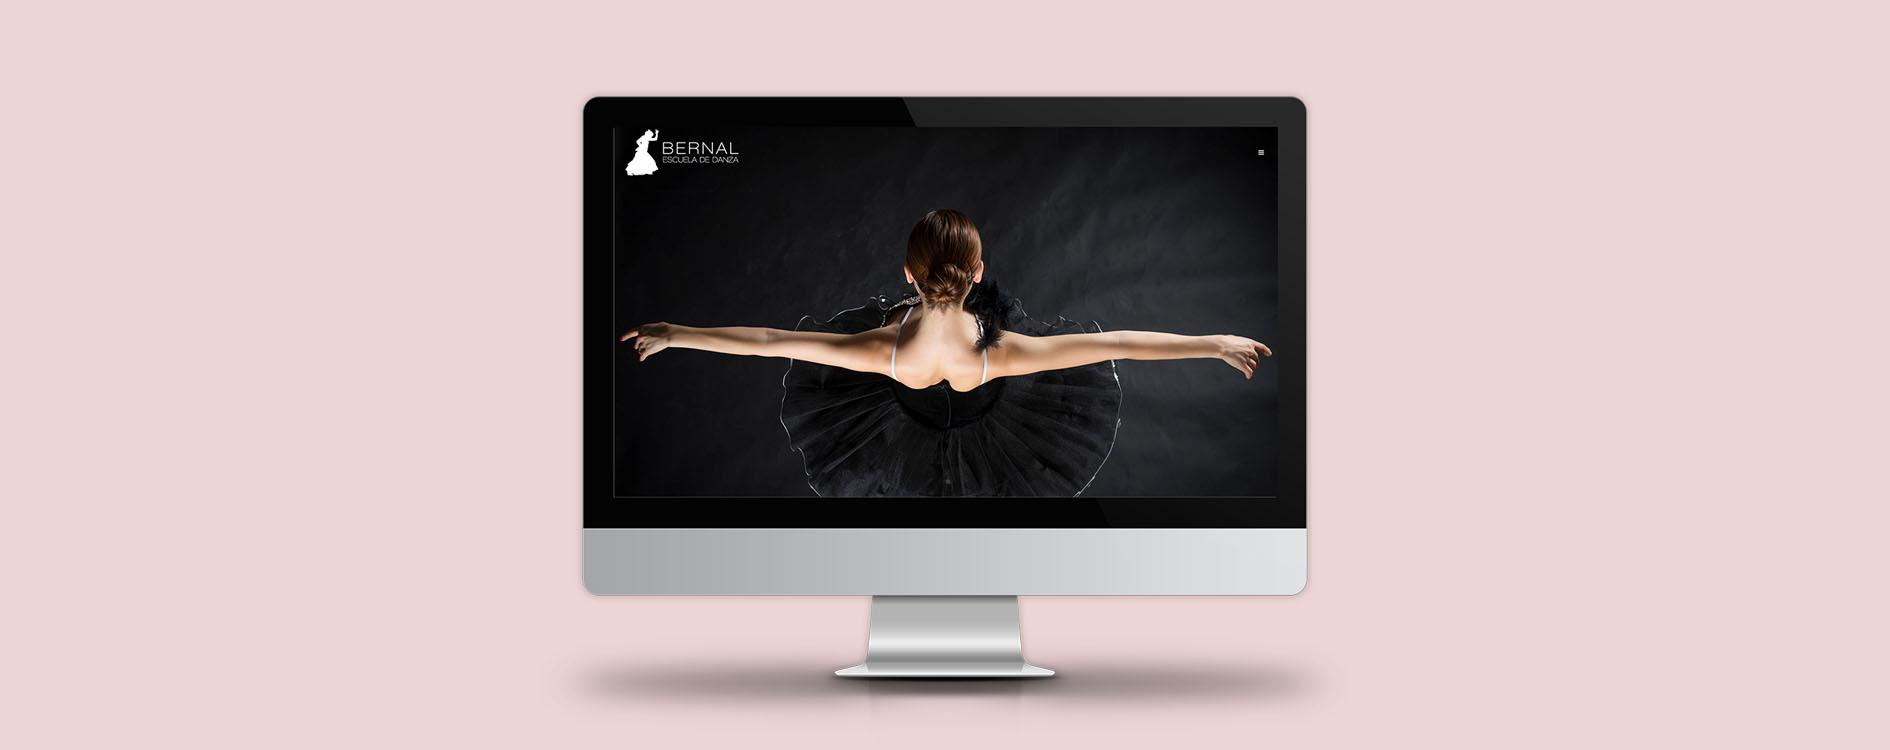 Diseño web responsivo para Bernal Escuela de Danza en Valladolid